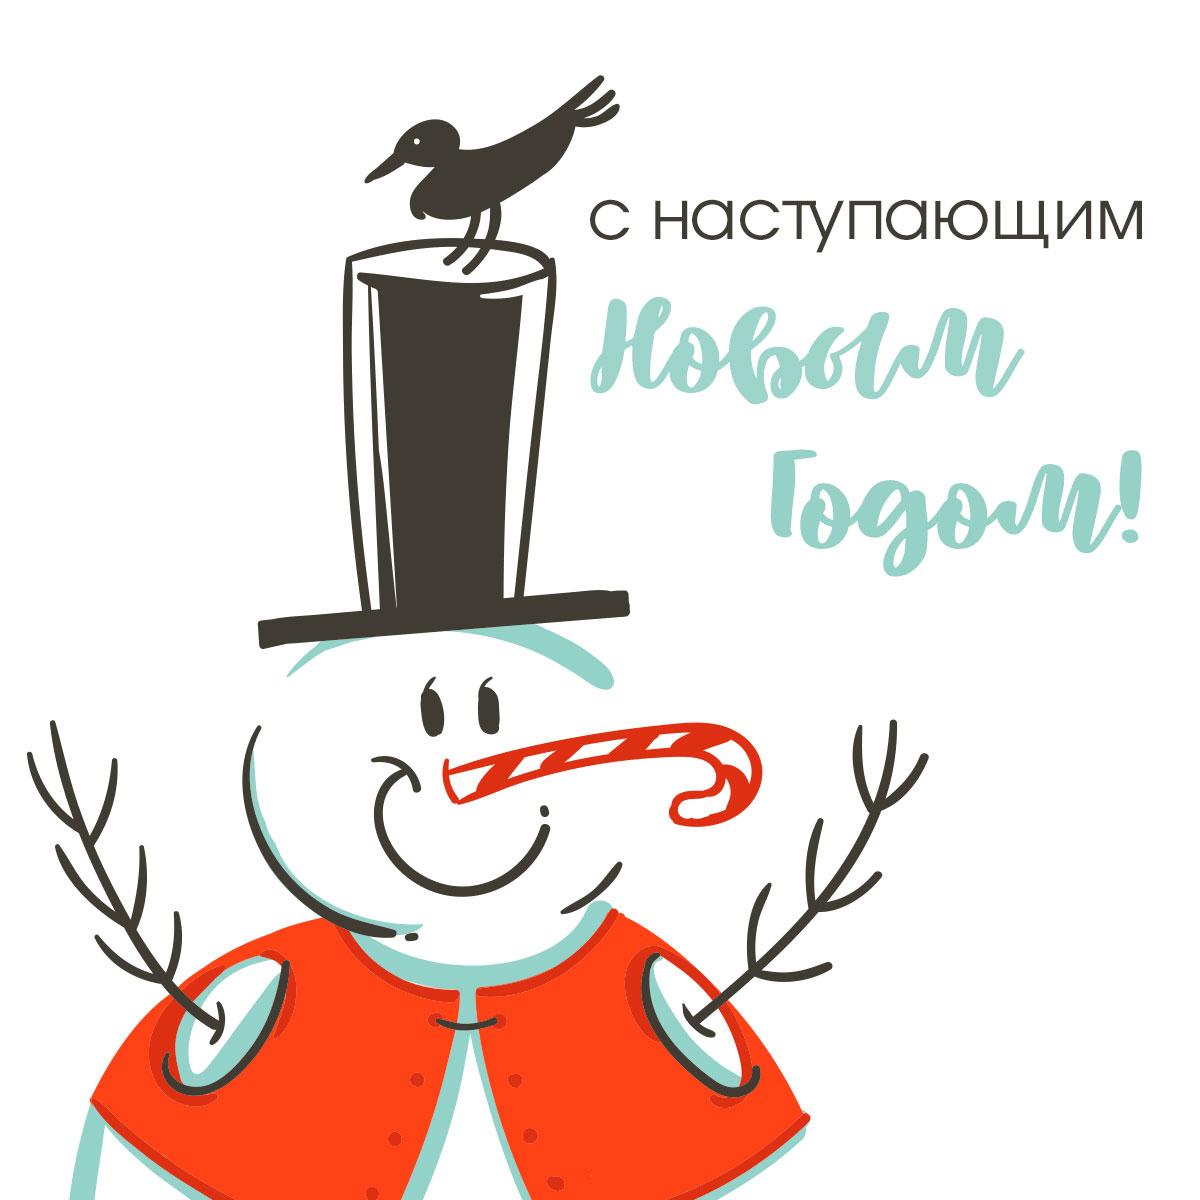 Мультипликационный снеговик в чёрной шляпе с птицей.